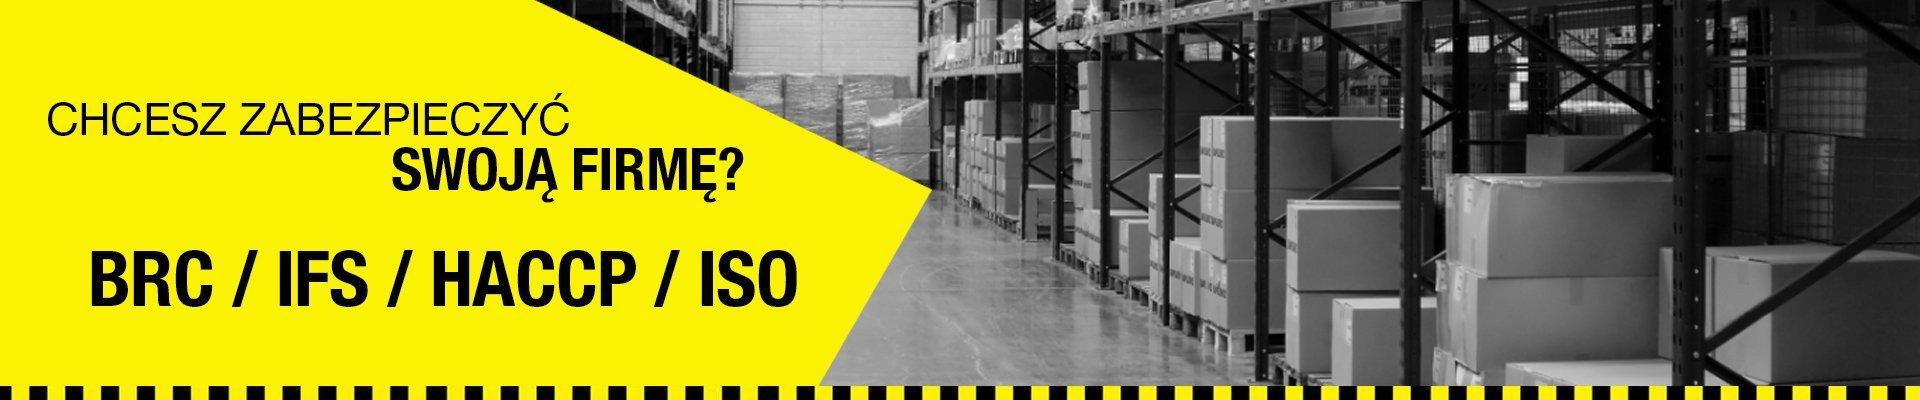 Znamy wymagania systemów BRC, IFS czy Tesco! Zabezpiecz z nami swoją firmę !